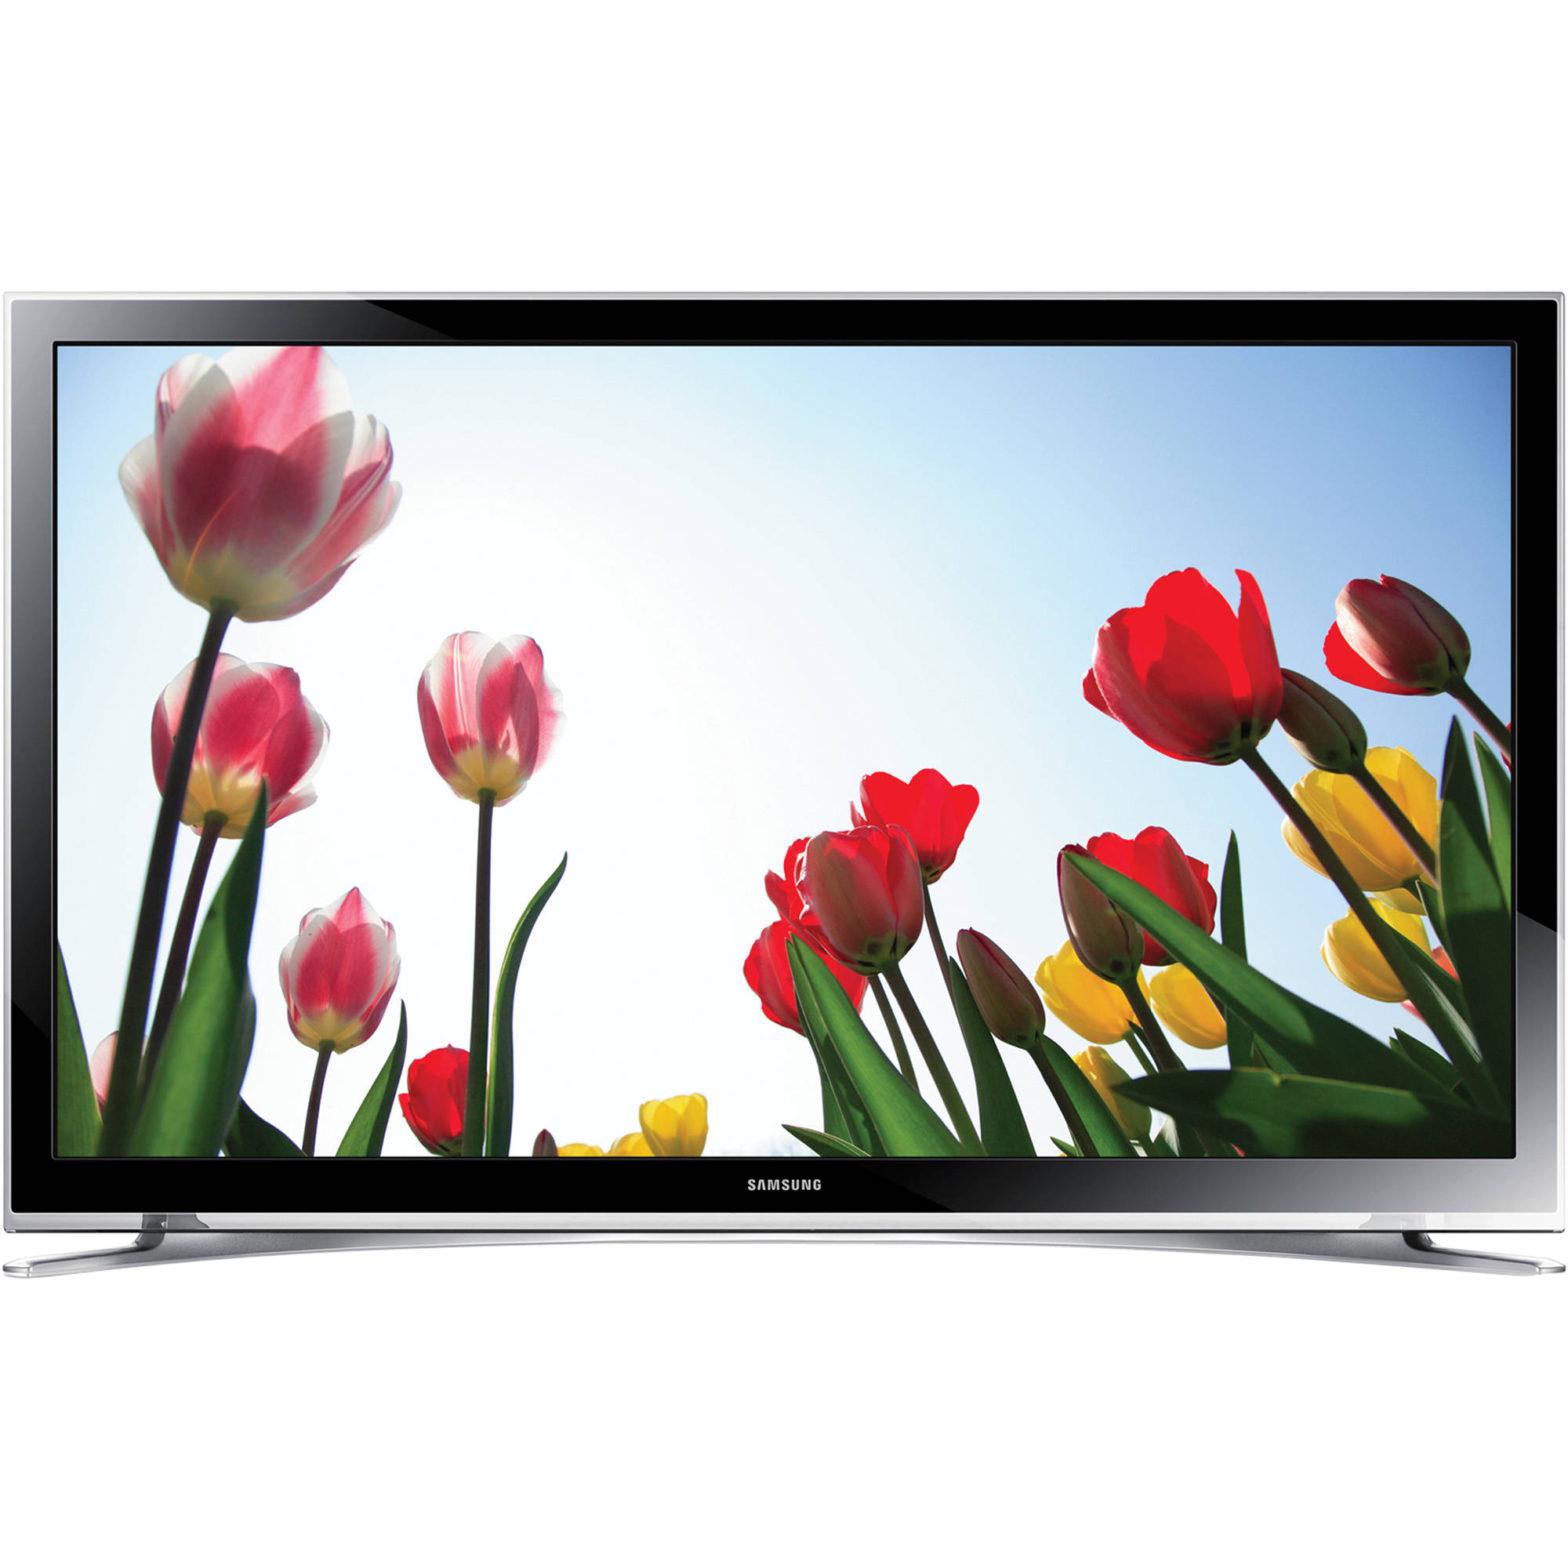 Samsung LED TV Dealers in Mohali